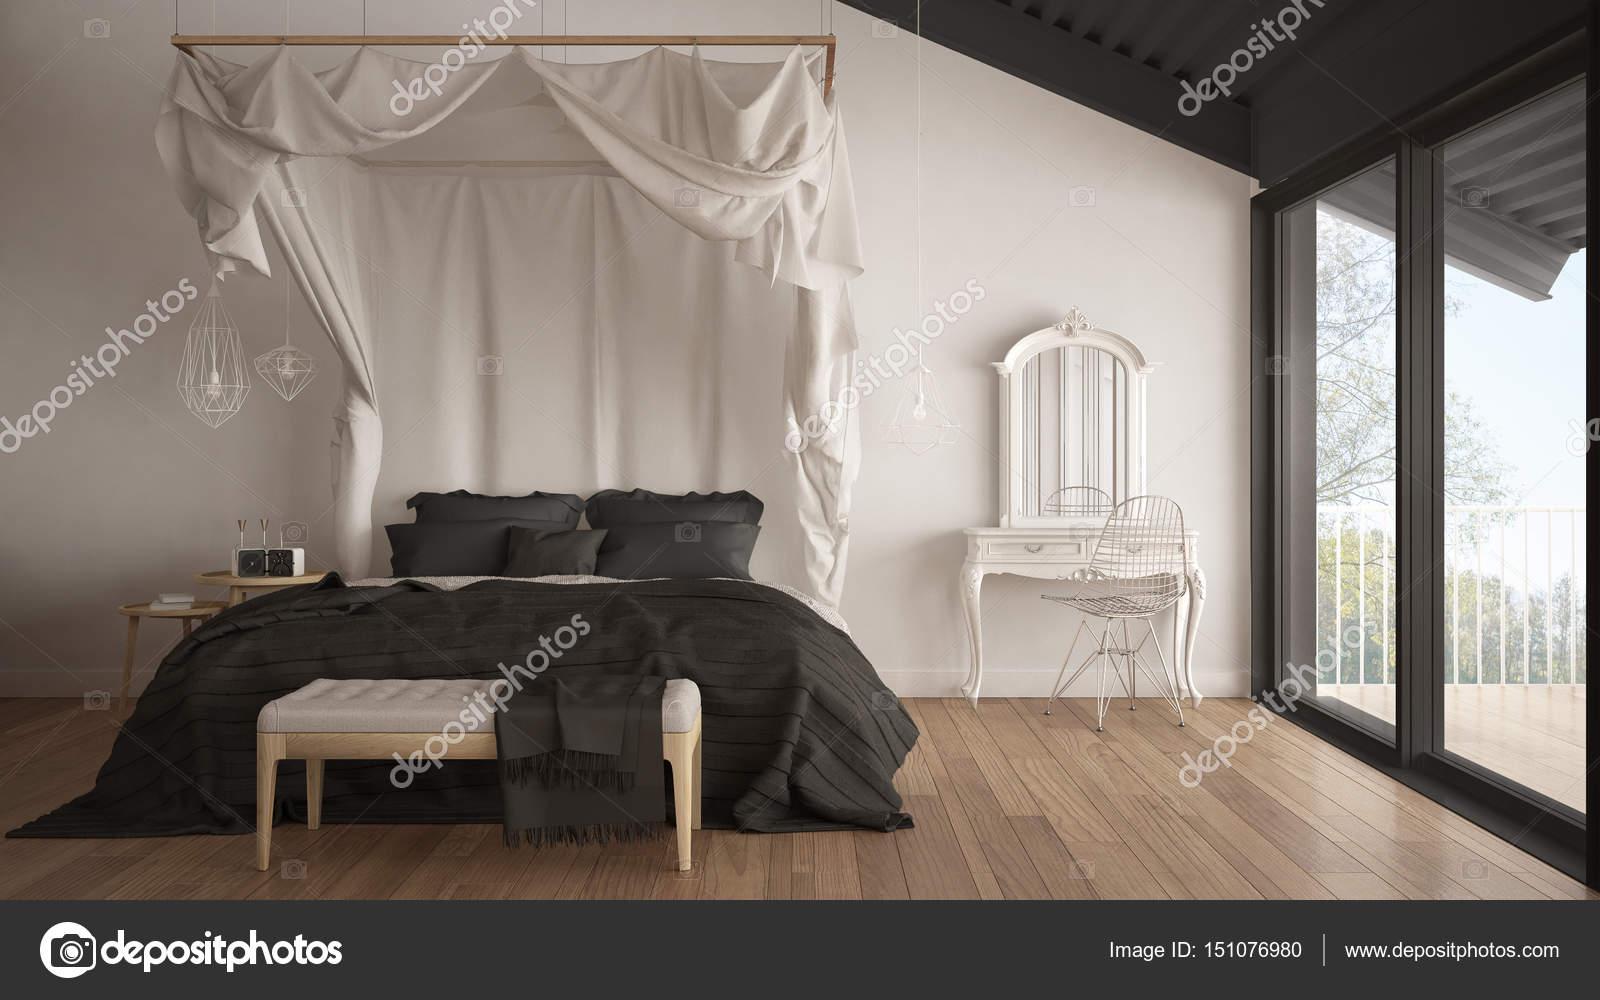 Cama con dosel en el dormitorio blanco y gris minimalistico con ...